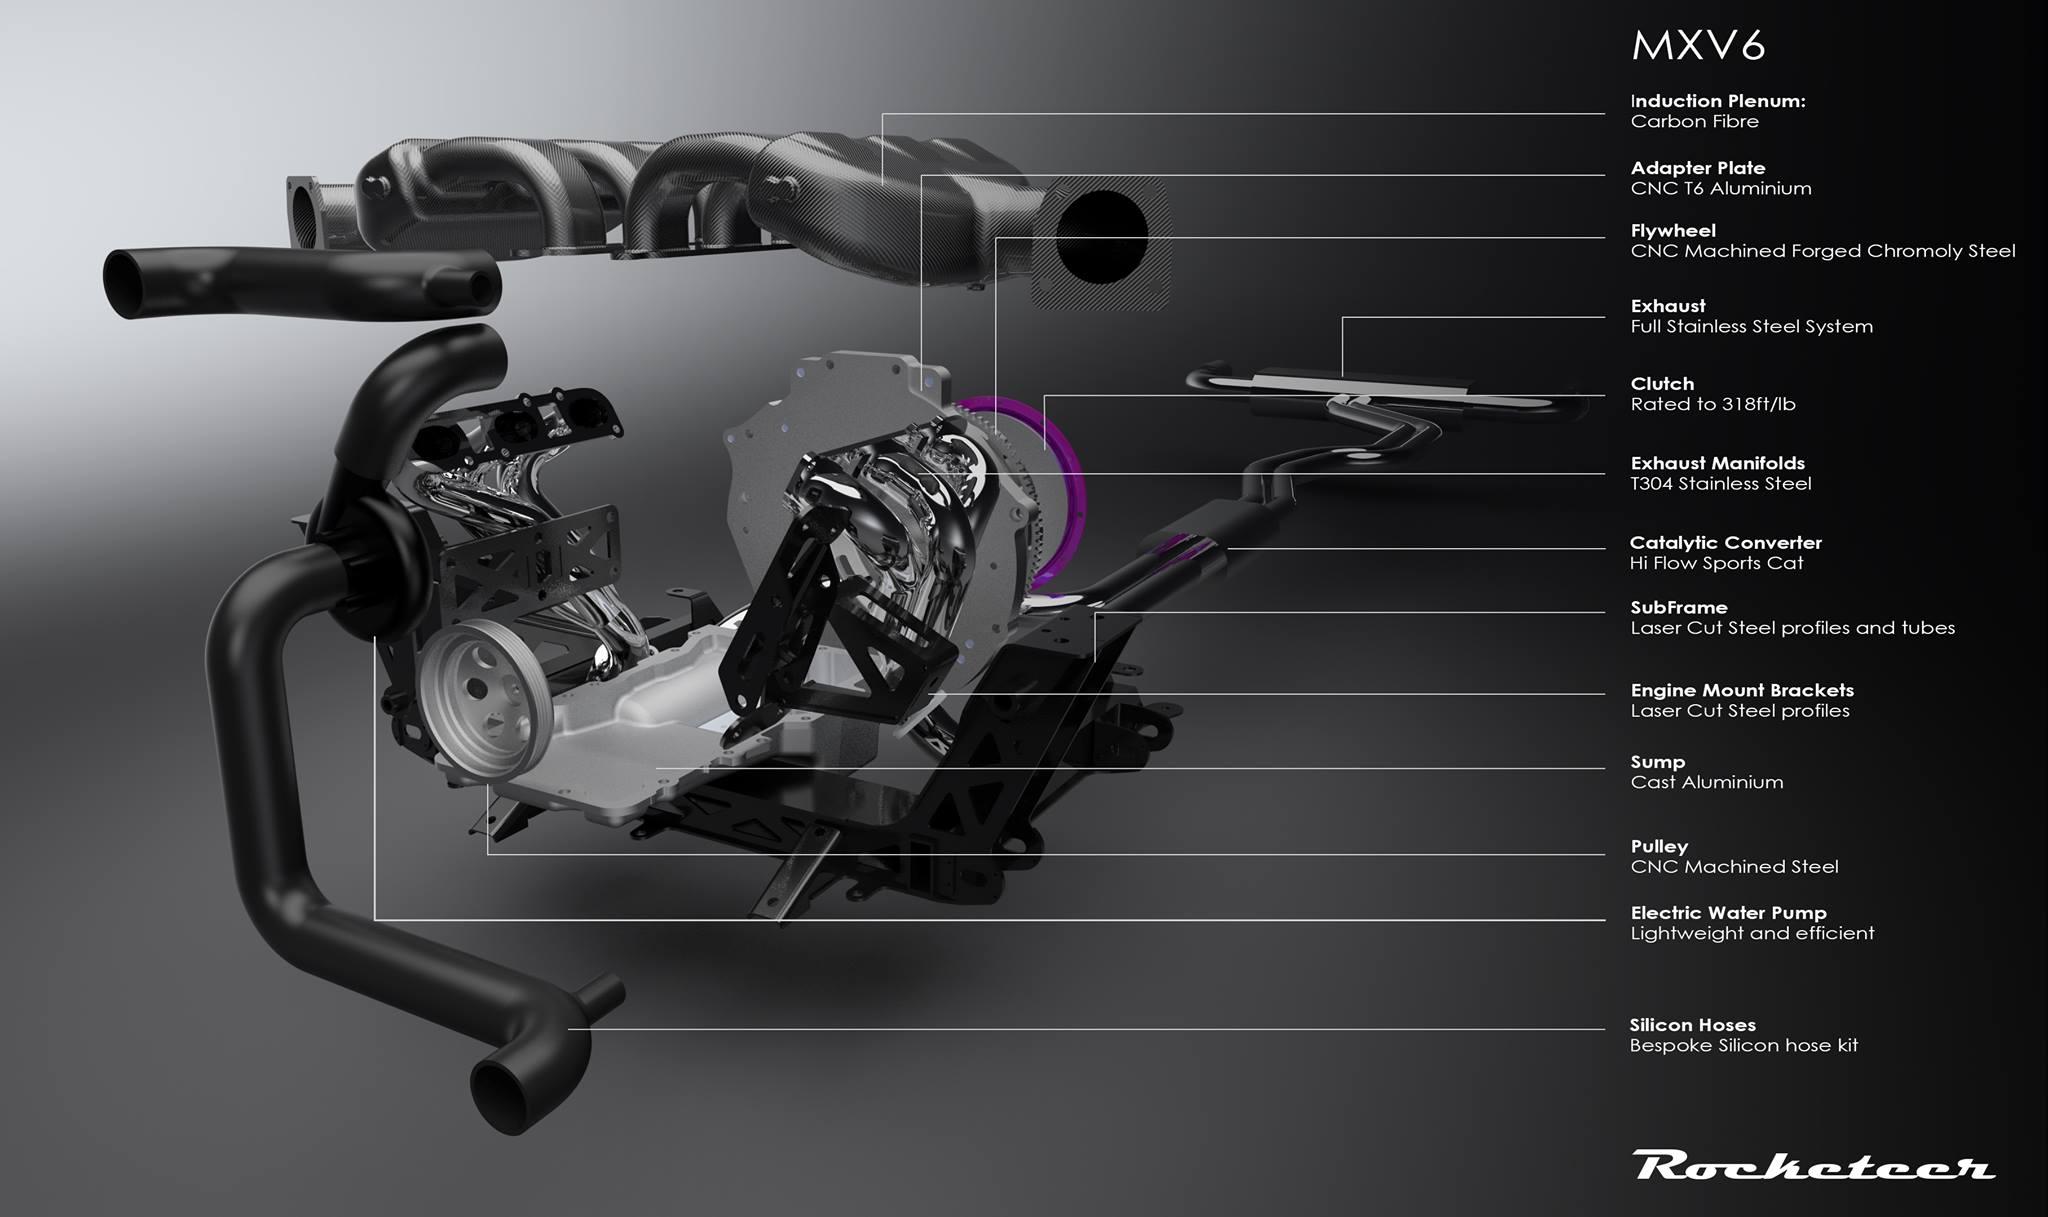 Jaguar And Duratec V Swap Kit For Mazda Mx Miata on Jaguar S Type V6 Engine